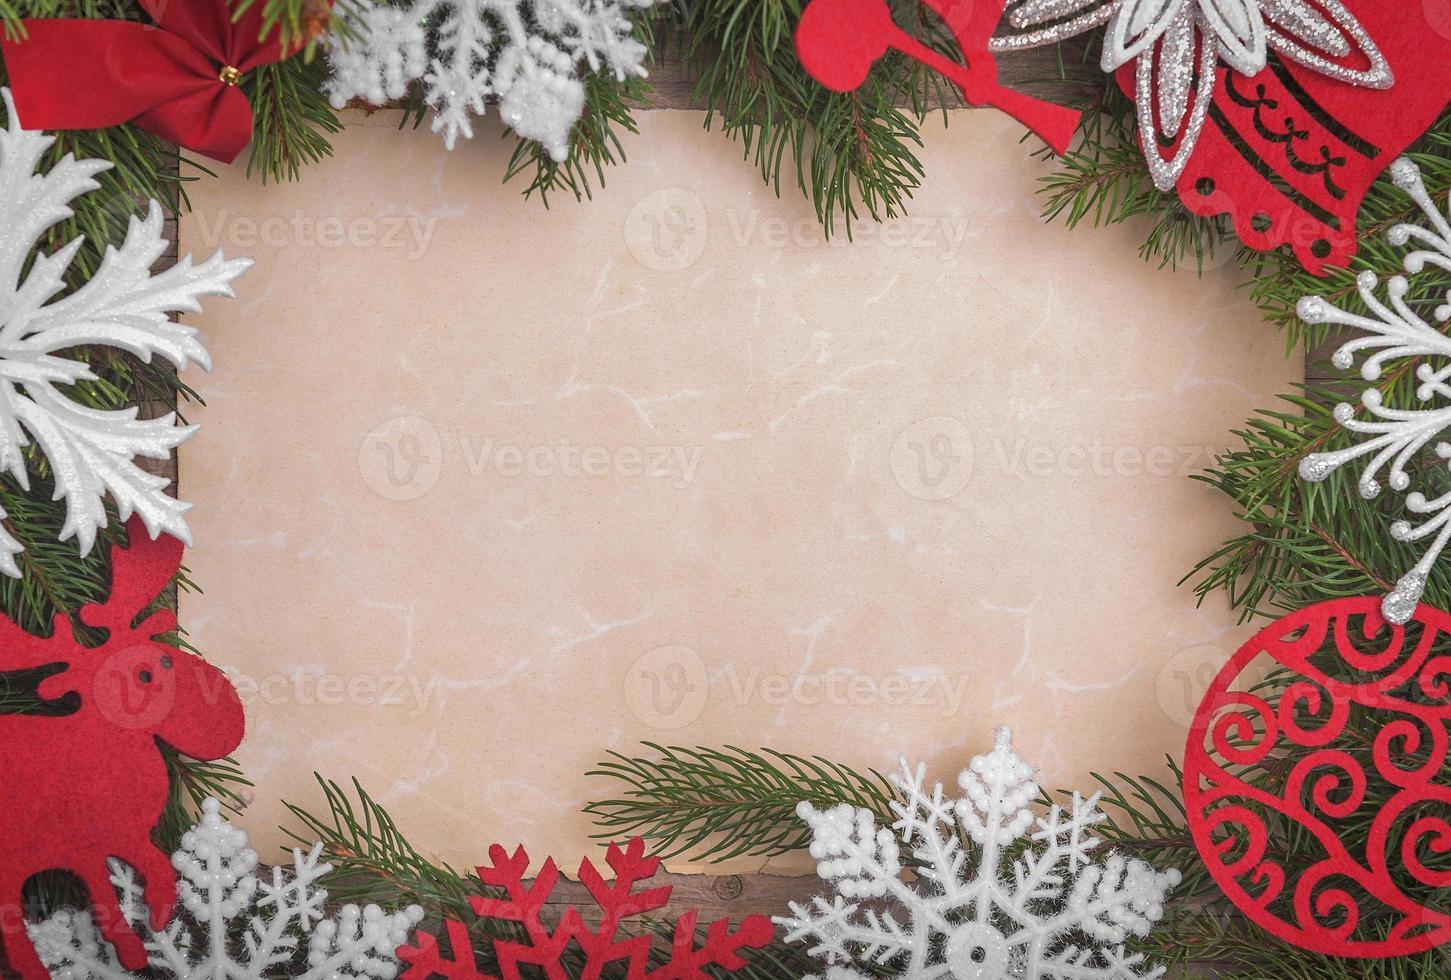 Weihnachtsrahmen mit einem Blatt Papier foto